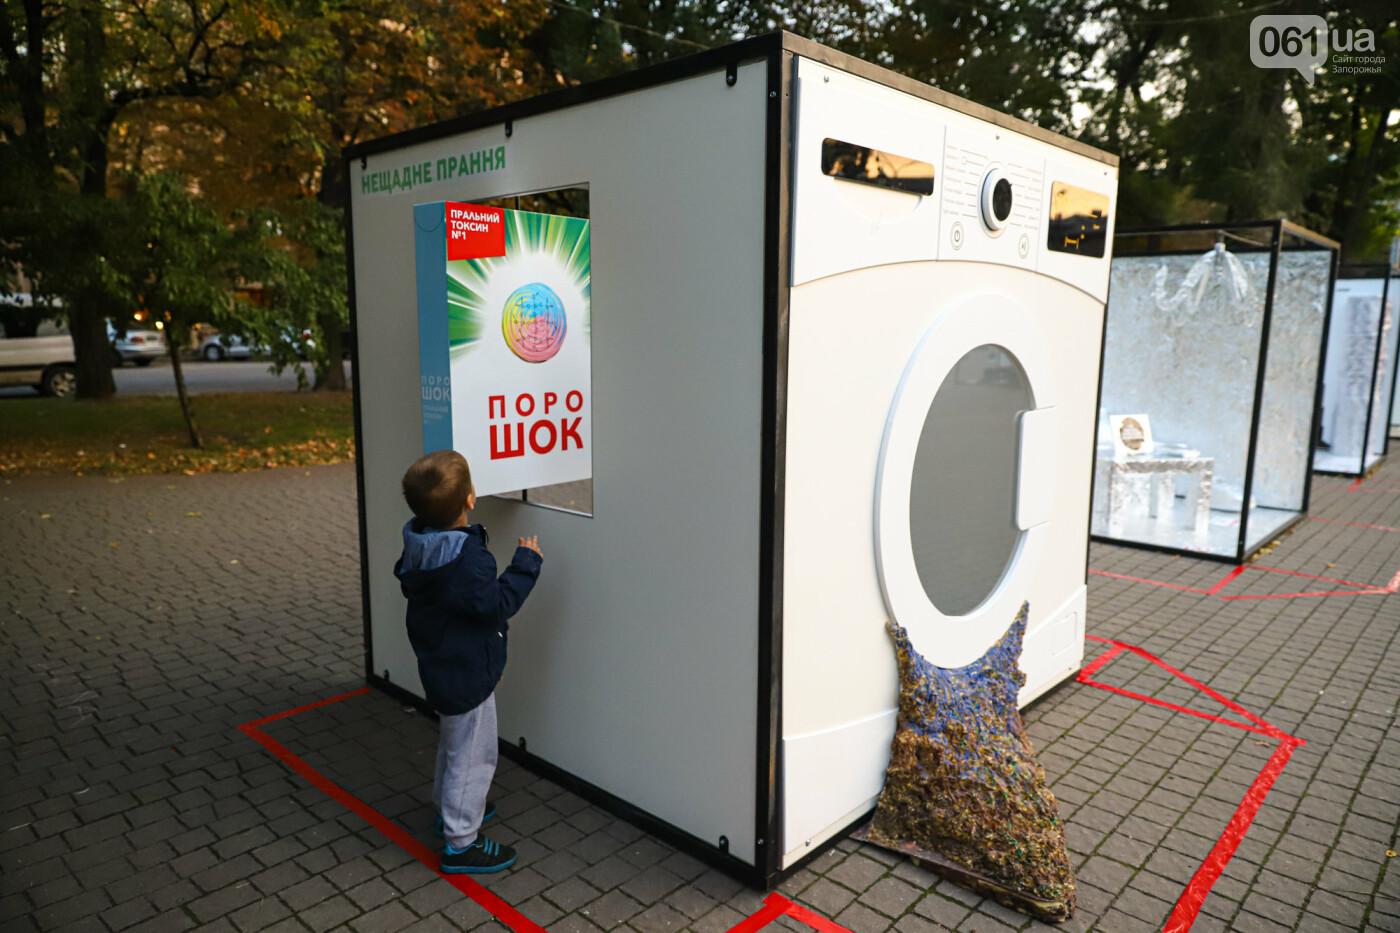 Огромная стиральная машина и комната из фольги: в центре Запорожья открылась эко-выставка, - ФОТОРЕПОРТАЖ , фото-3